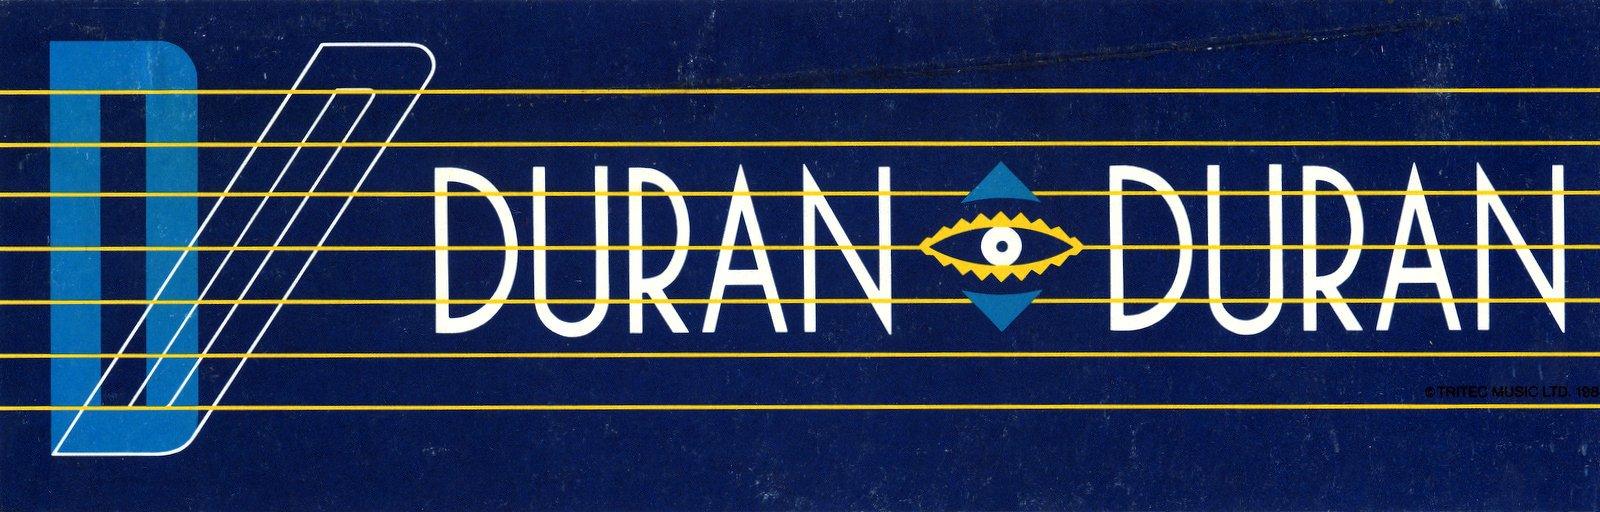 Vintage 1980s Duran Duran bumper sticker